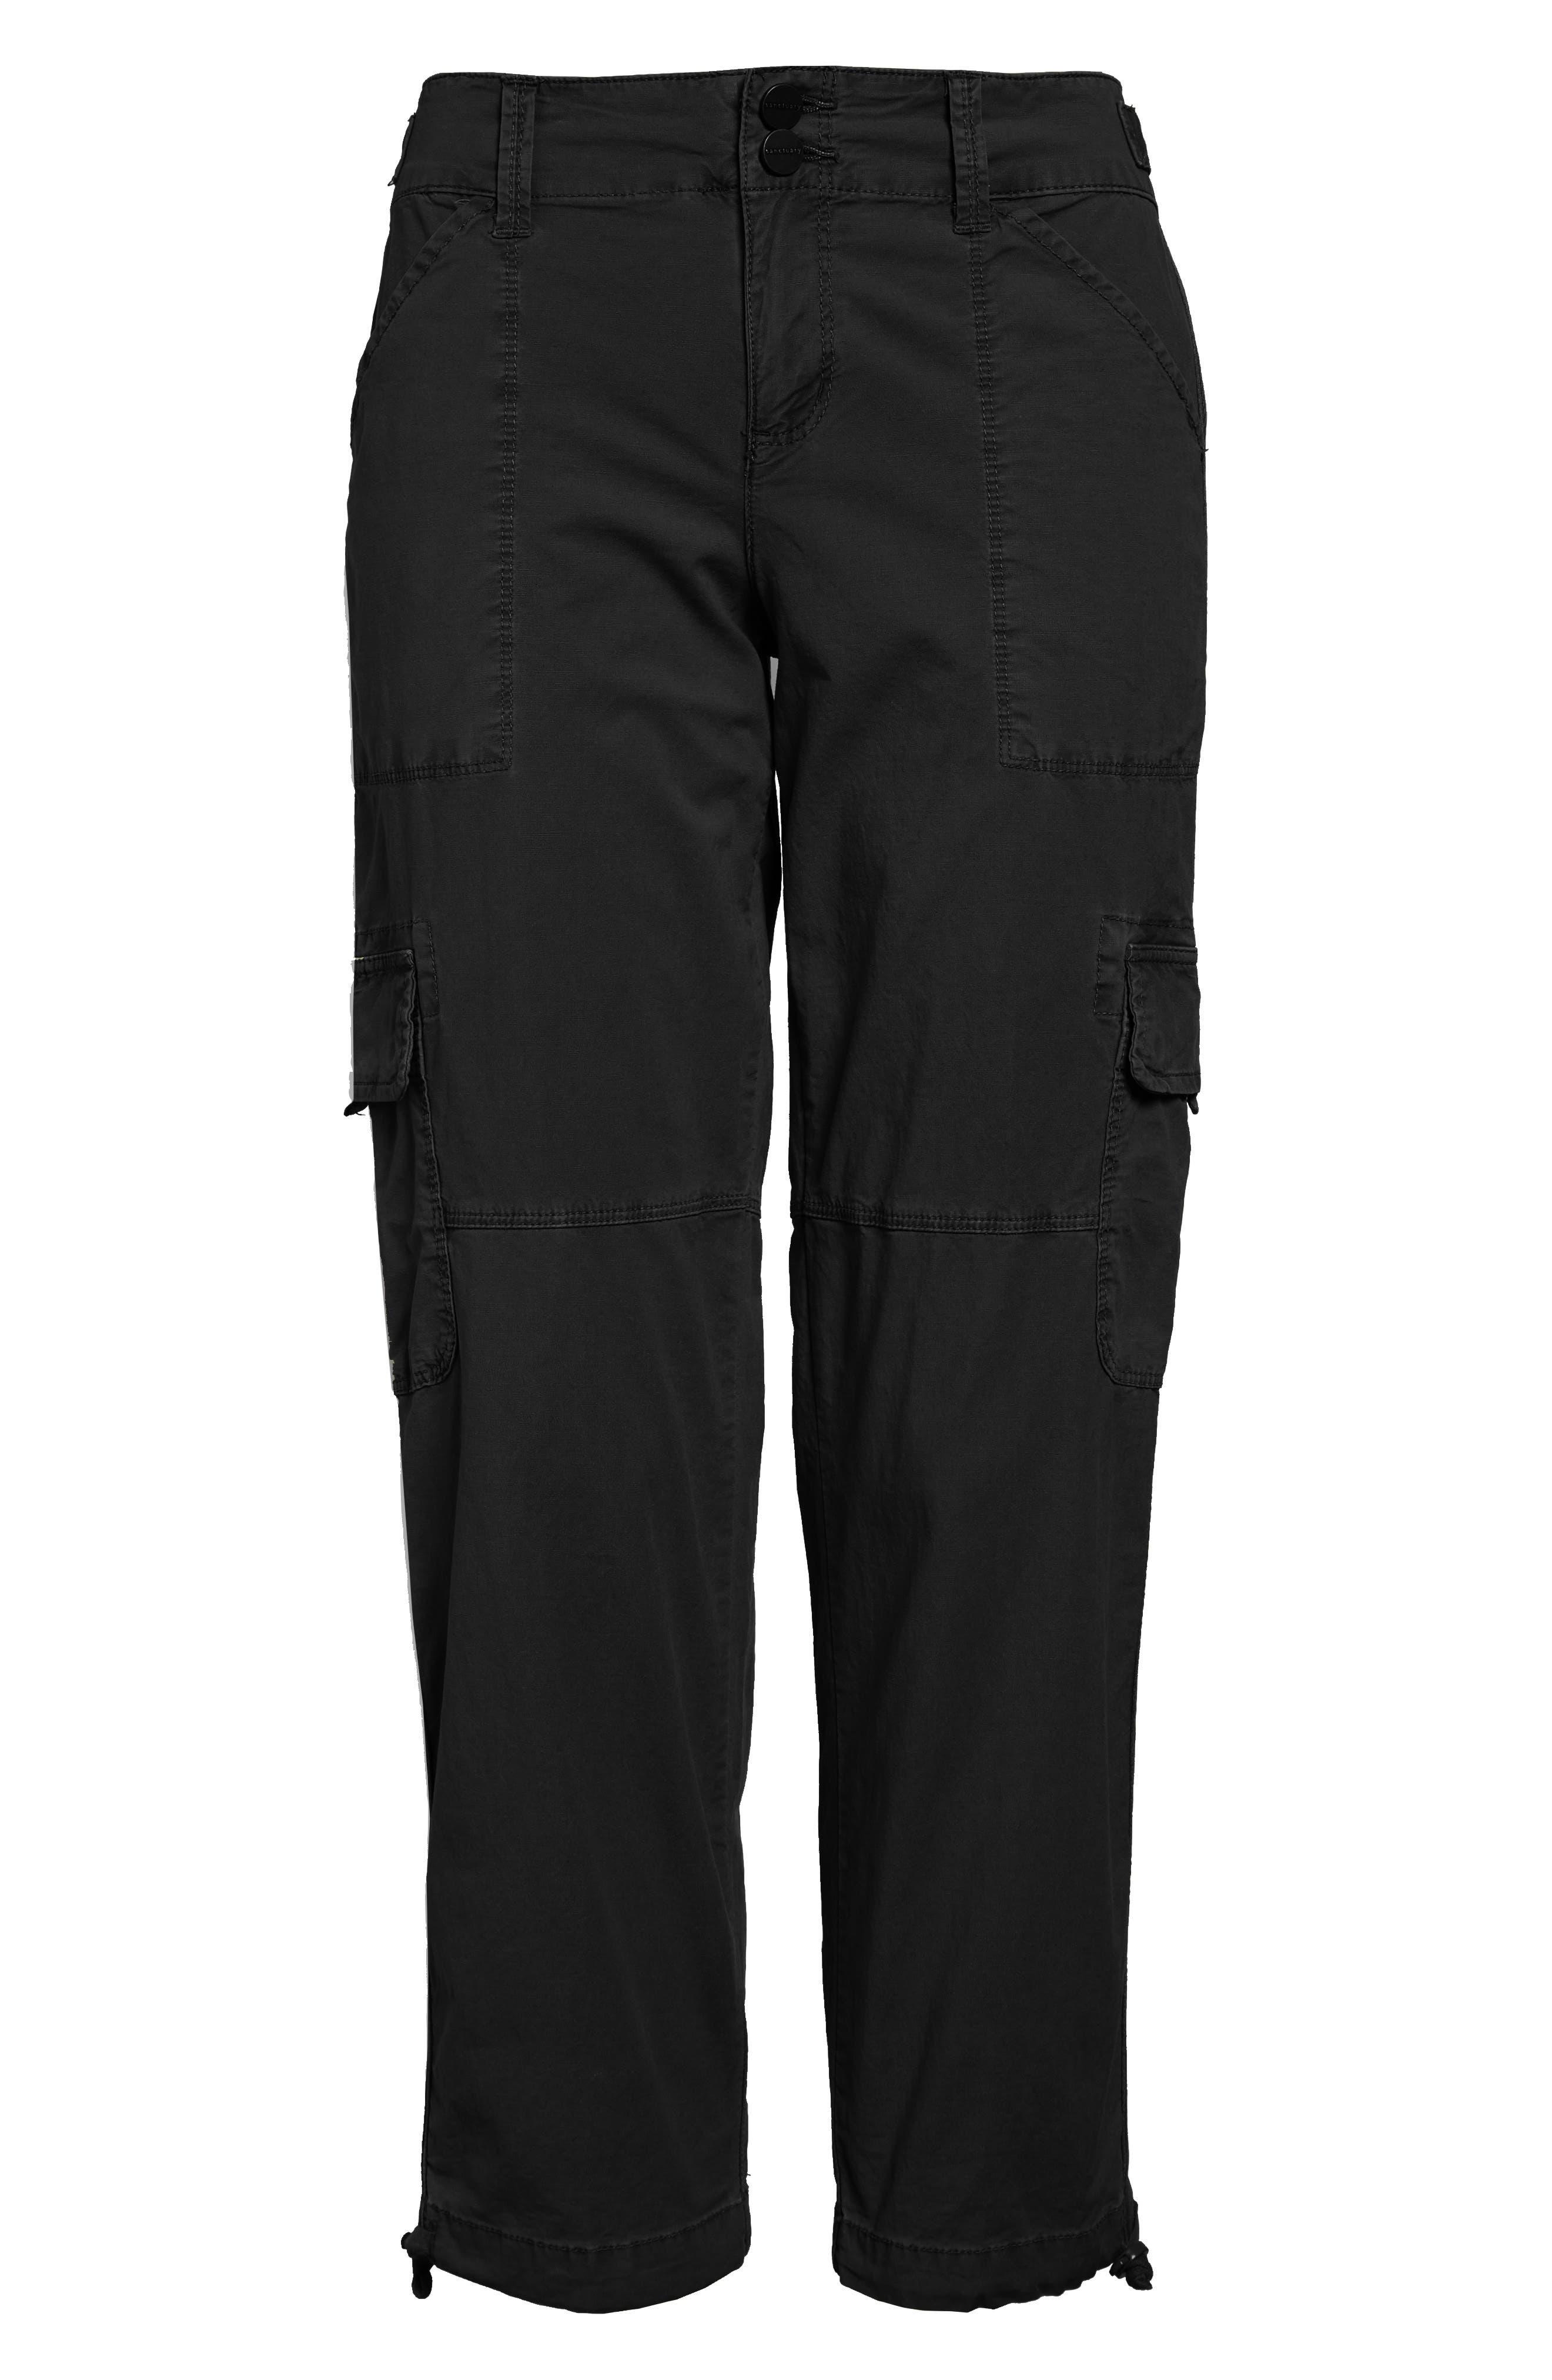 Terrain Crop Cargo Pants,                             Alternate thumbnail 3, color,                             001